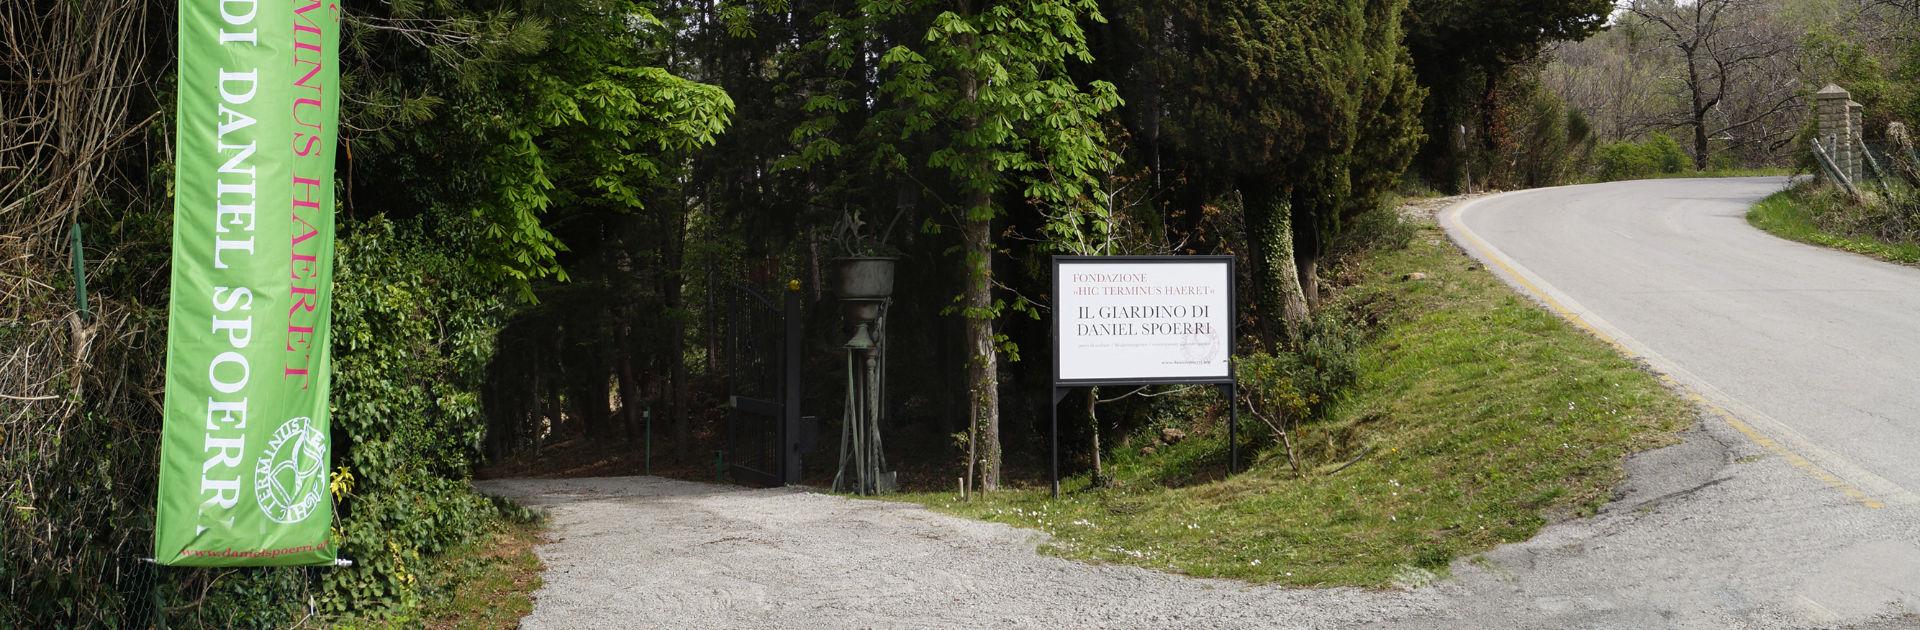 Giardini Da Incubo 2016 stampa - fondazione il giardino di daniel spoerri